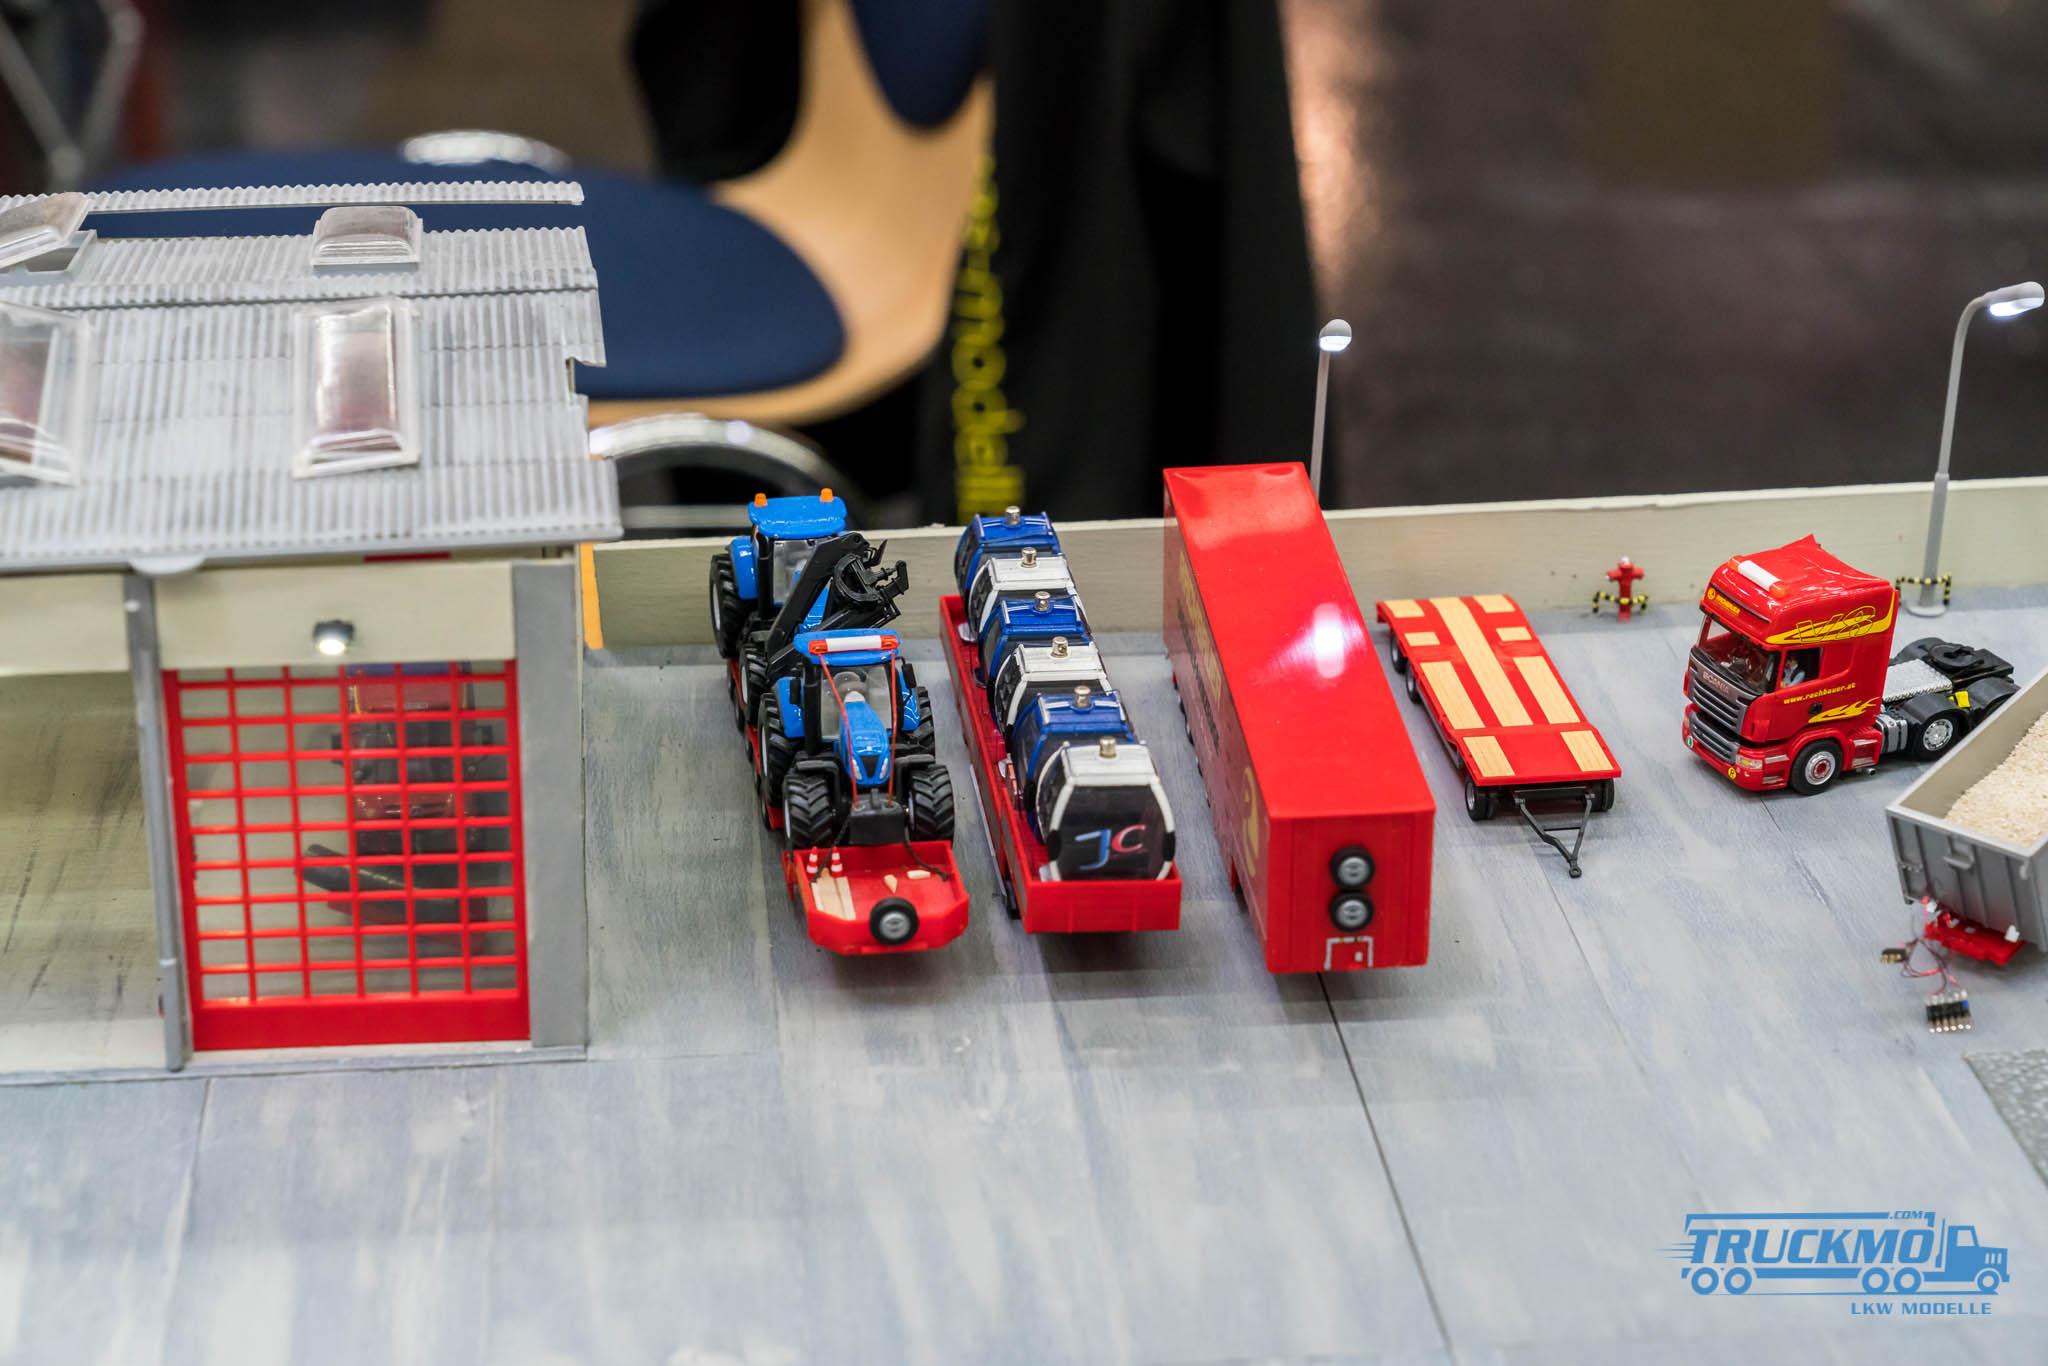 Truckmo_Modellbau_Ried_2017_Herpa_Messe_Modellbauausstellung (241 von 1177)